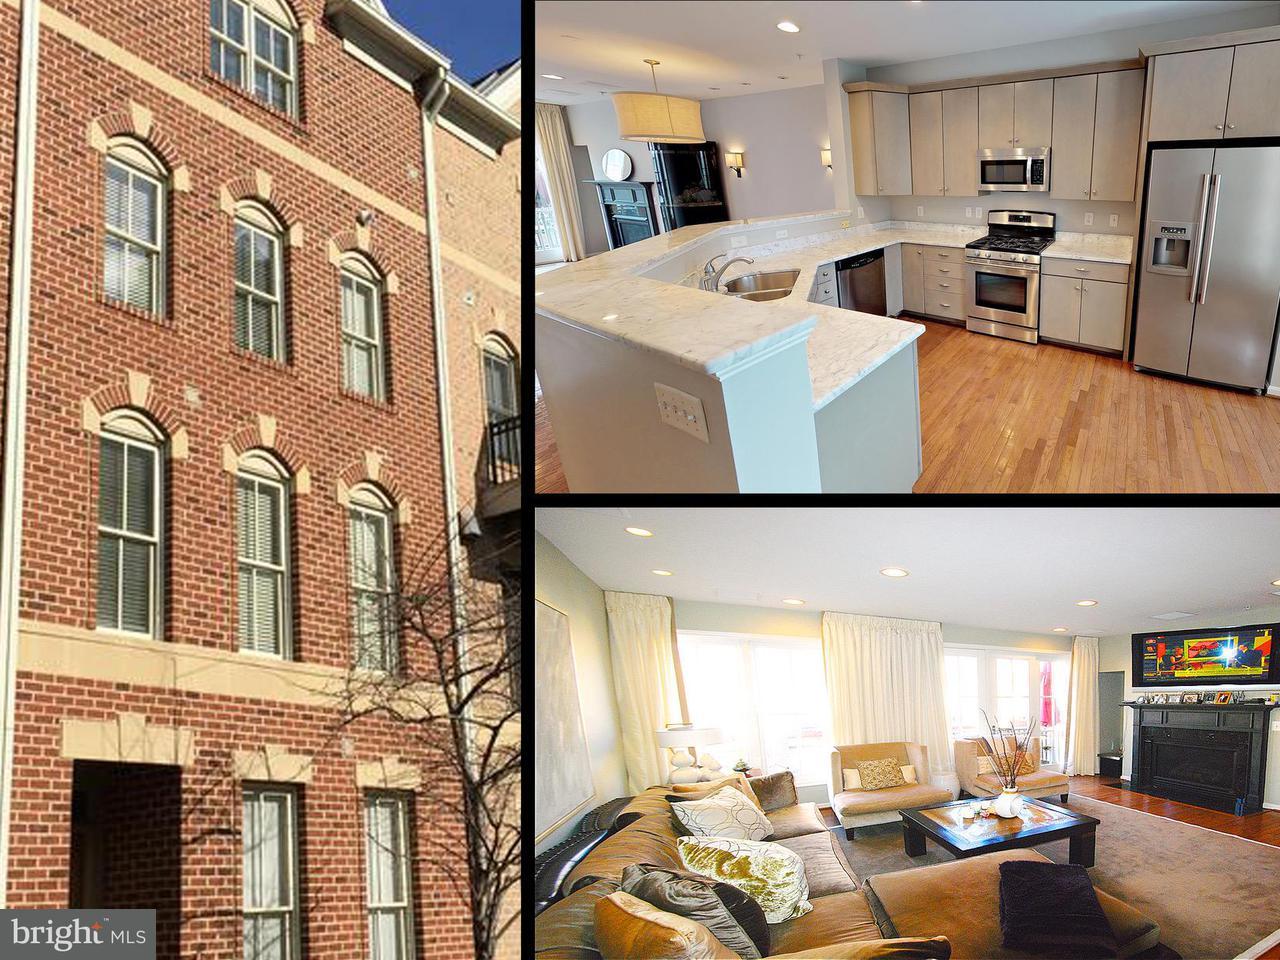 Частный односемейный дом для того Продажа на 2614 Lighthouse Lane 2614 Lighthouse Lane Baltimore, Мэриленд 21224 Соединенные Штаты